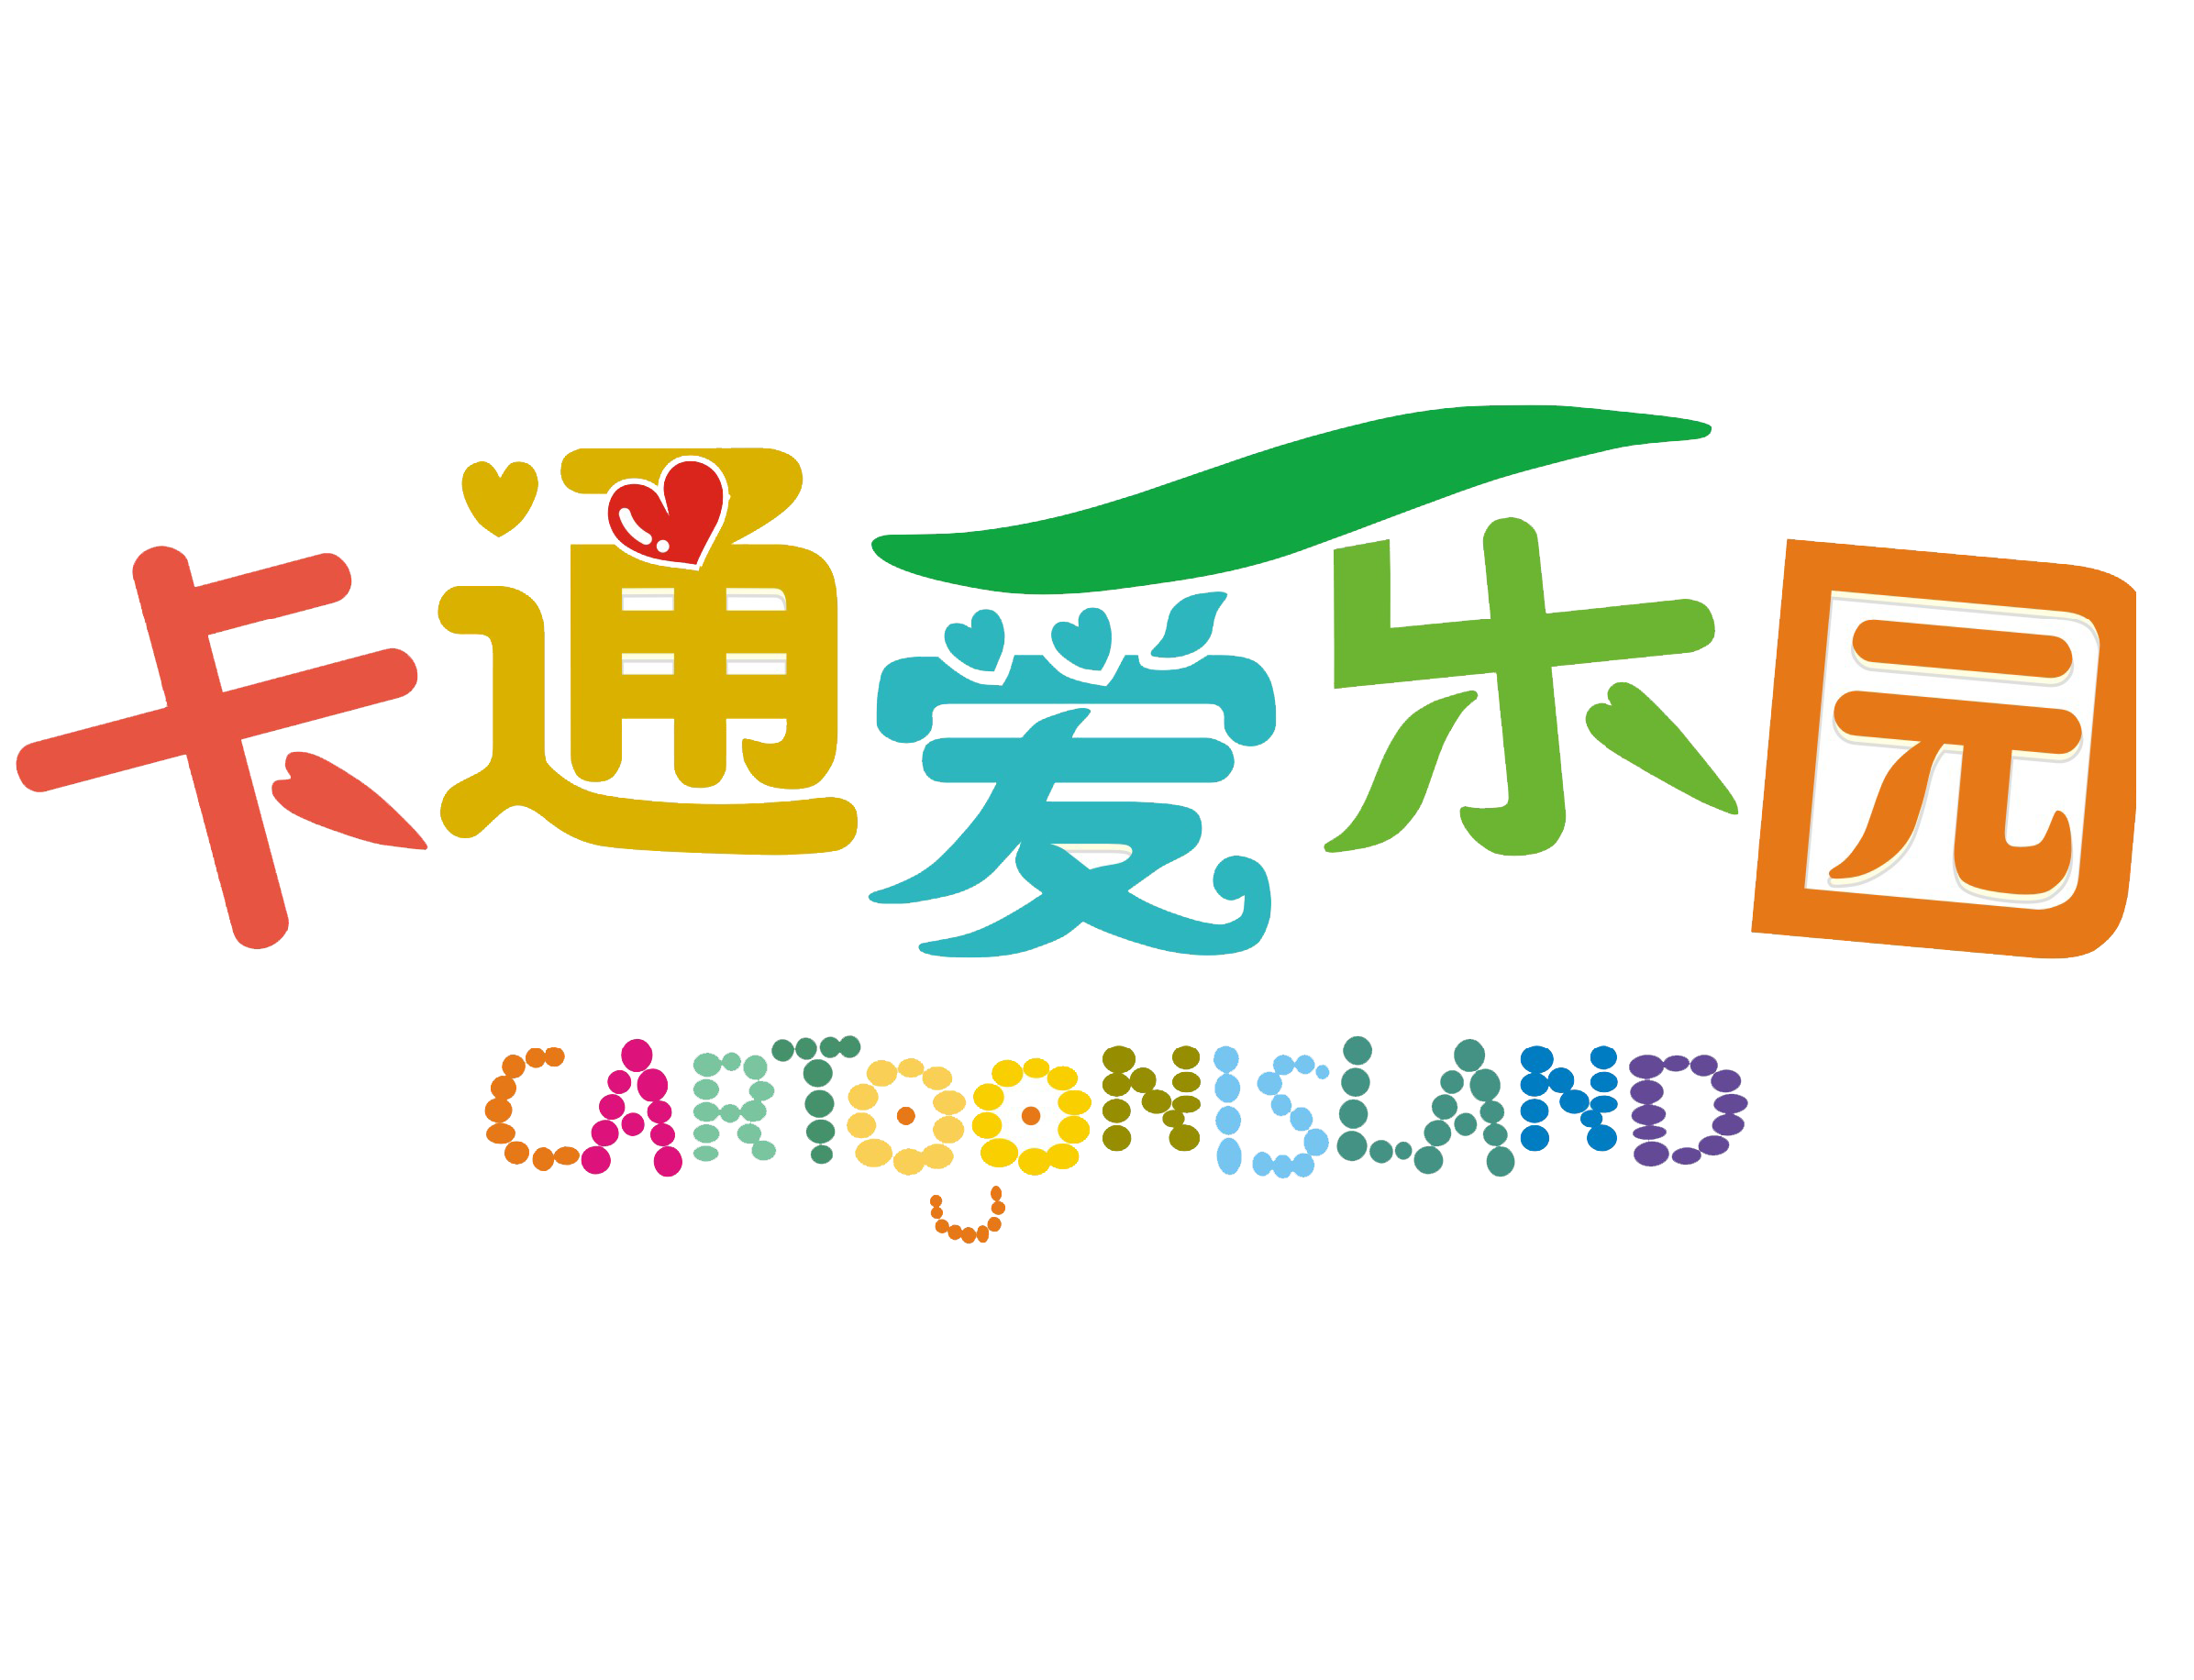 卡通爱乐园